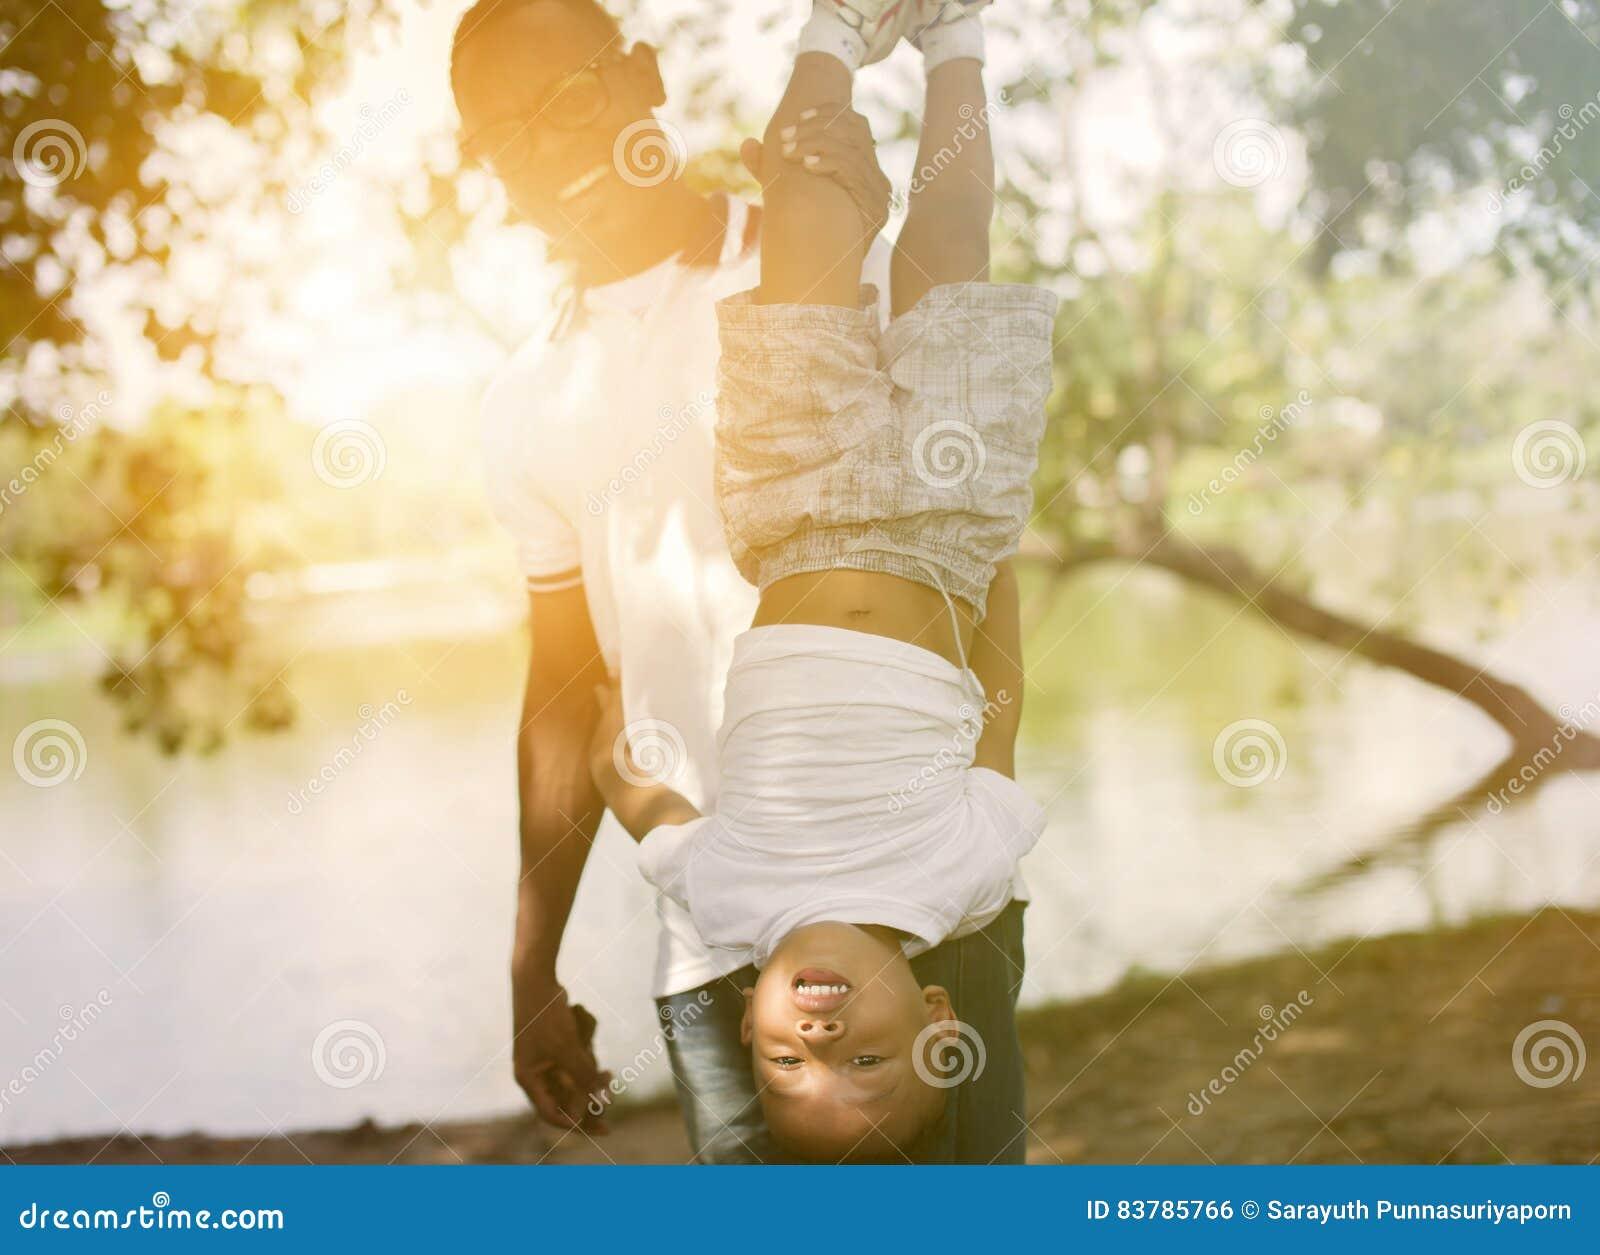 Папа держа сына вверх ногами в парке под солнечным светом